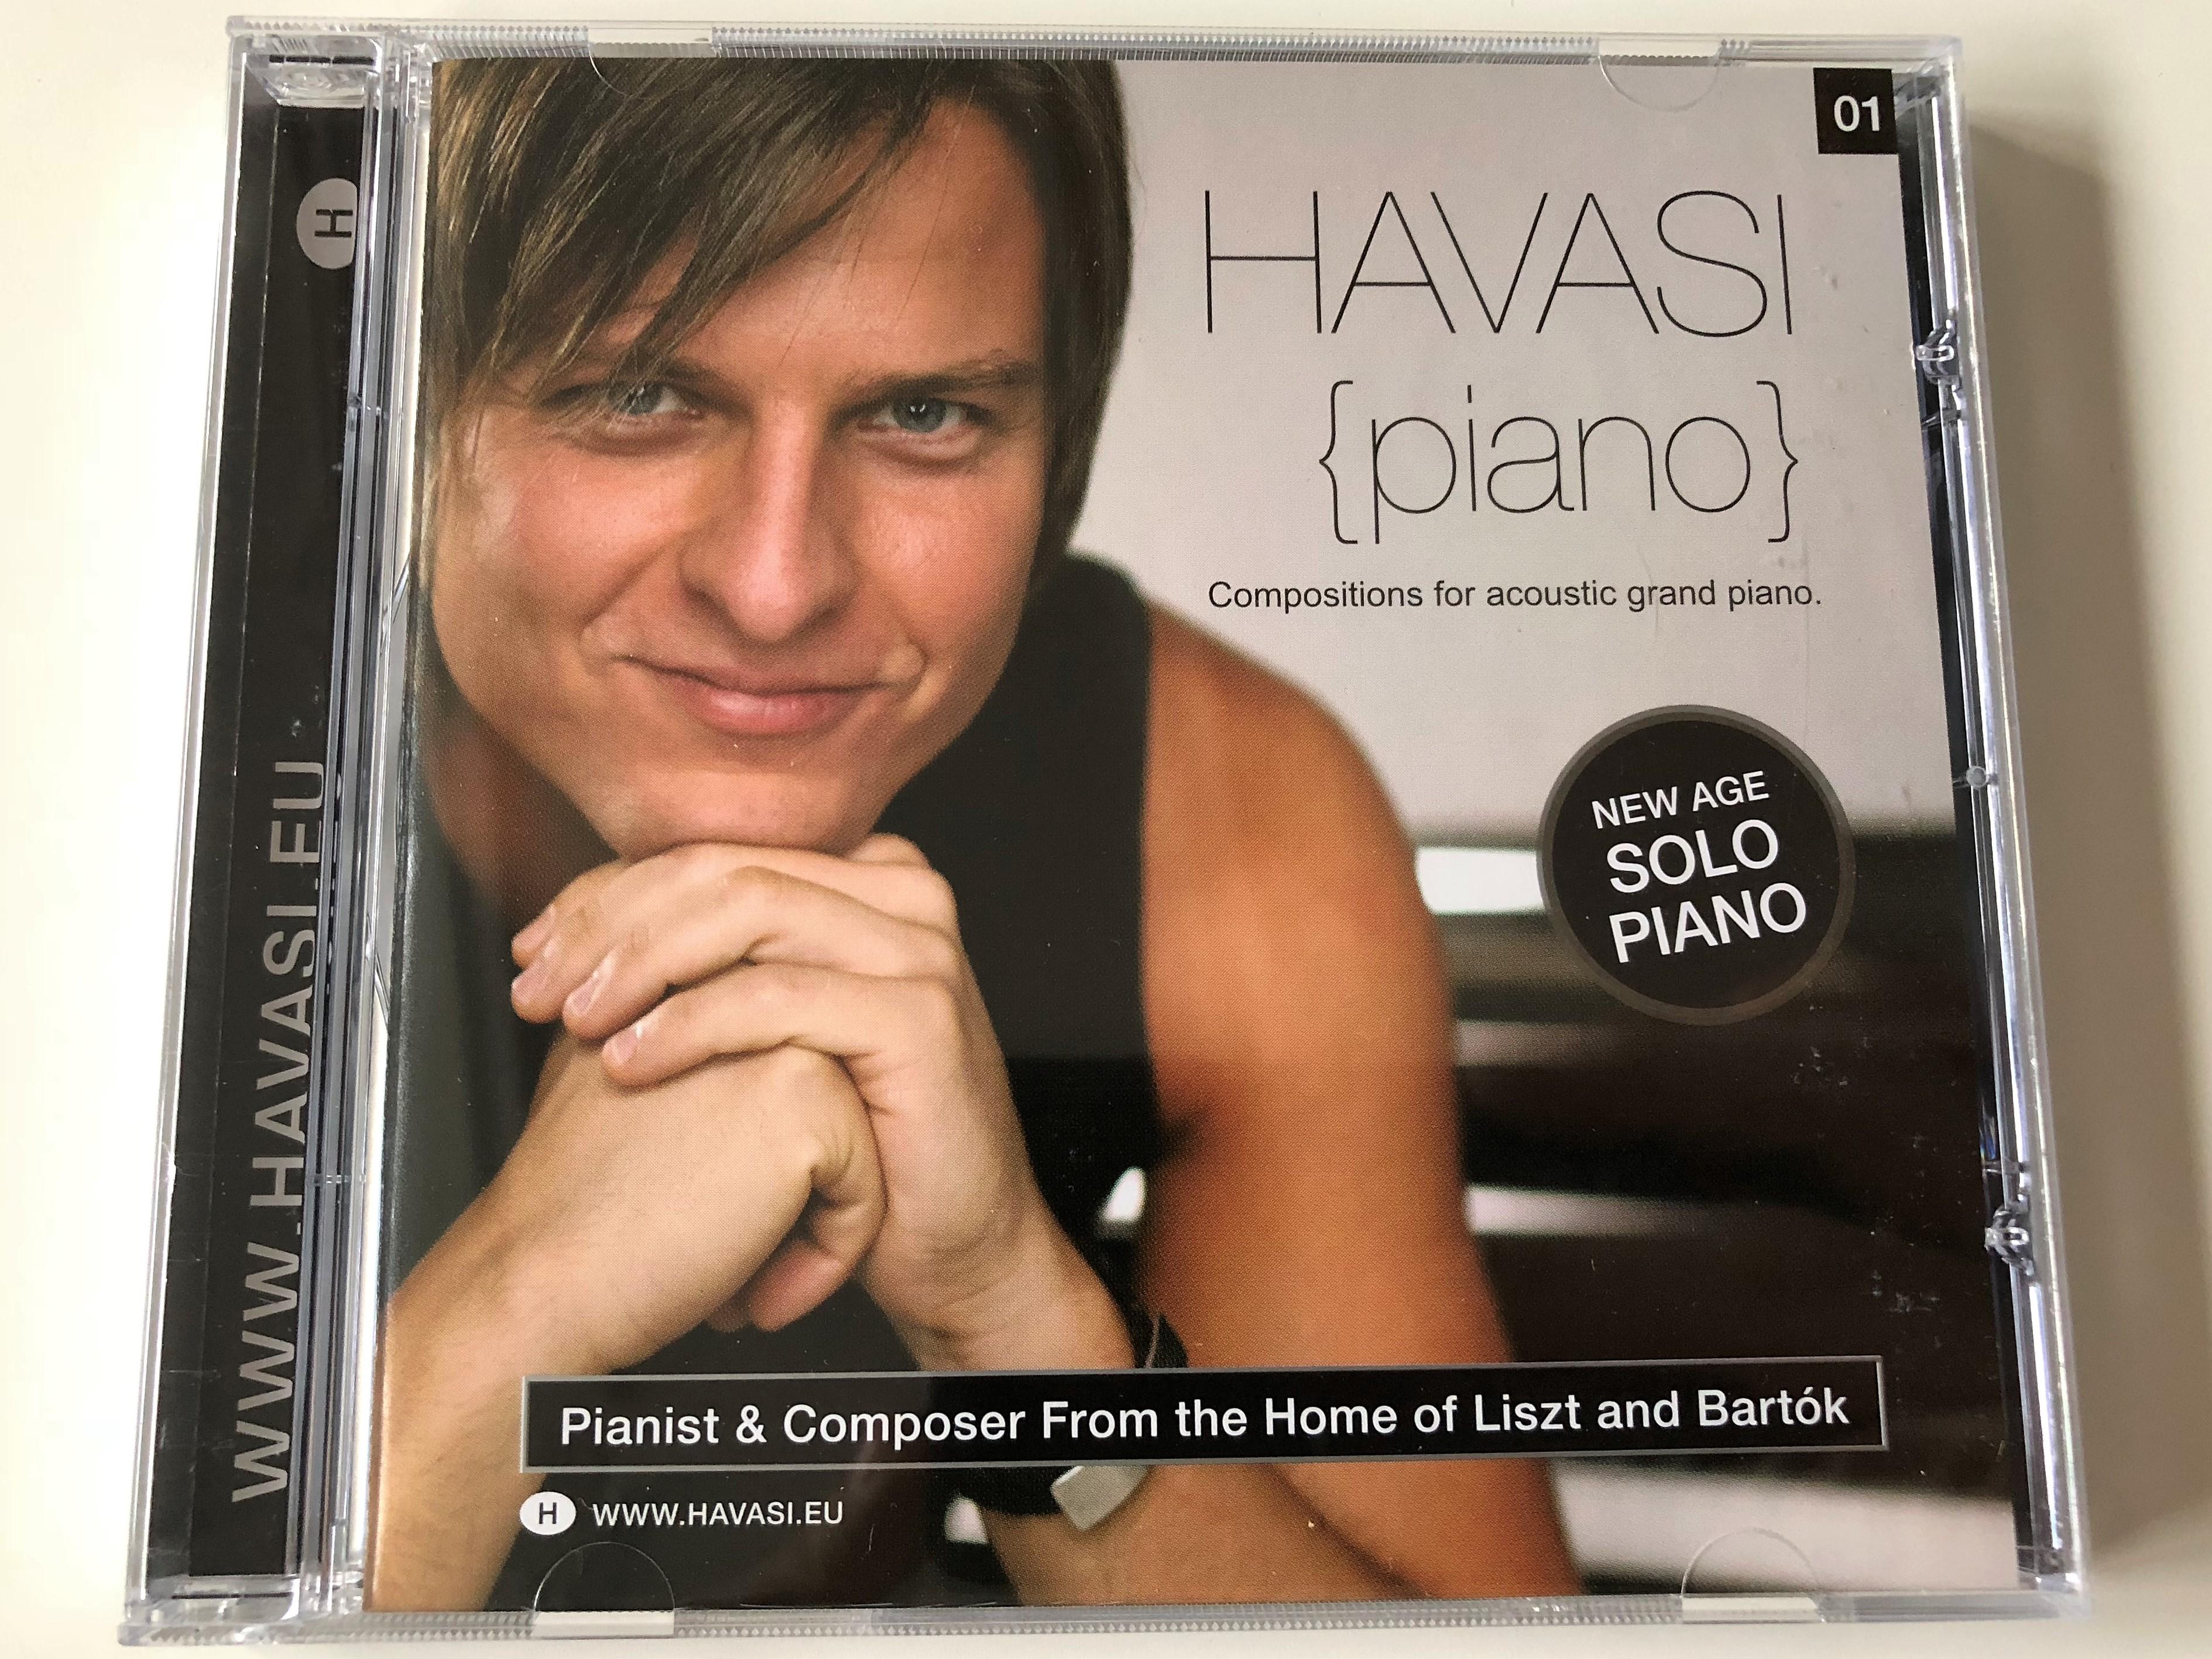 havasi-bal-zs-red-infinity-piano-seven-5-.jpg